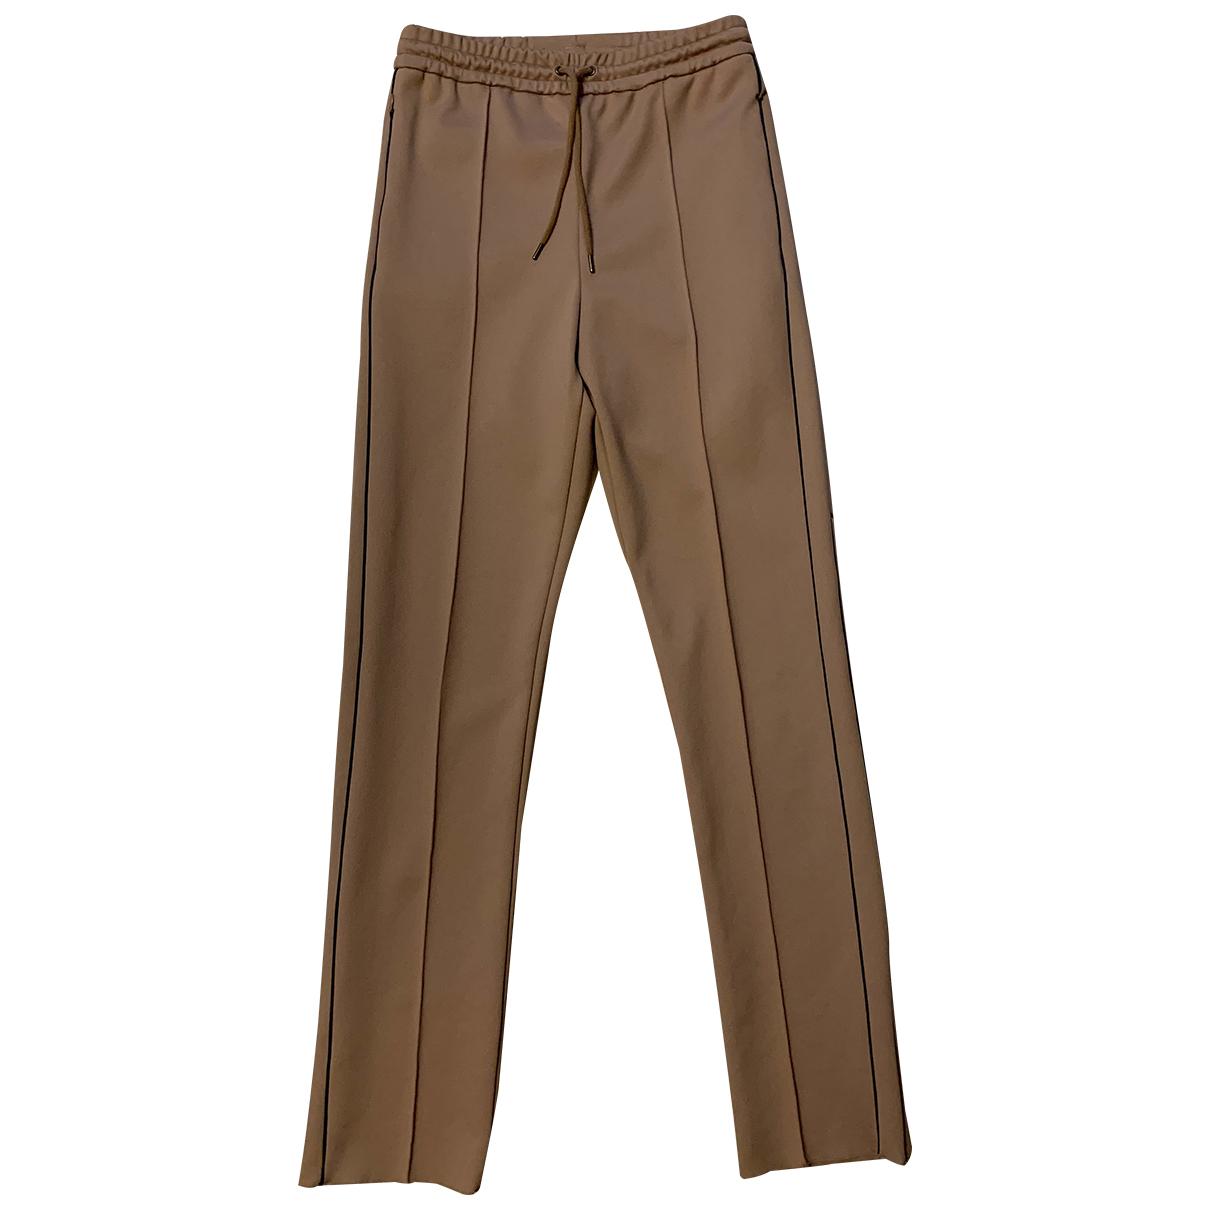 Joseph - Pantalon   pour femme en coton - beige